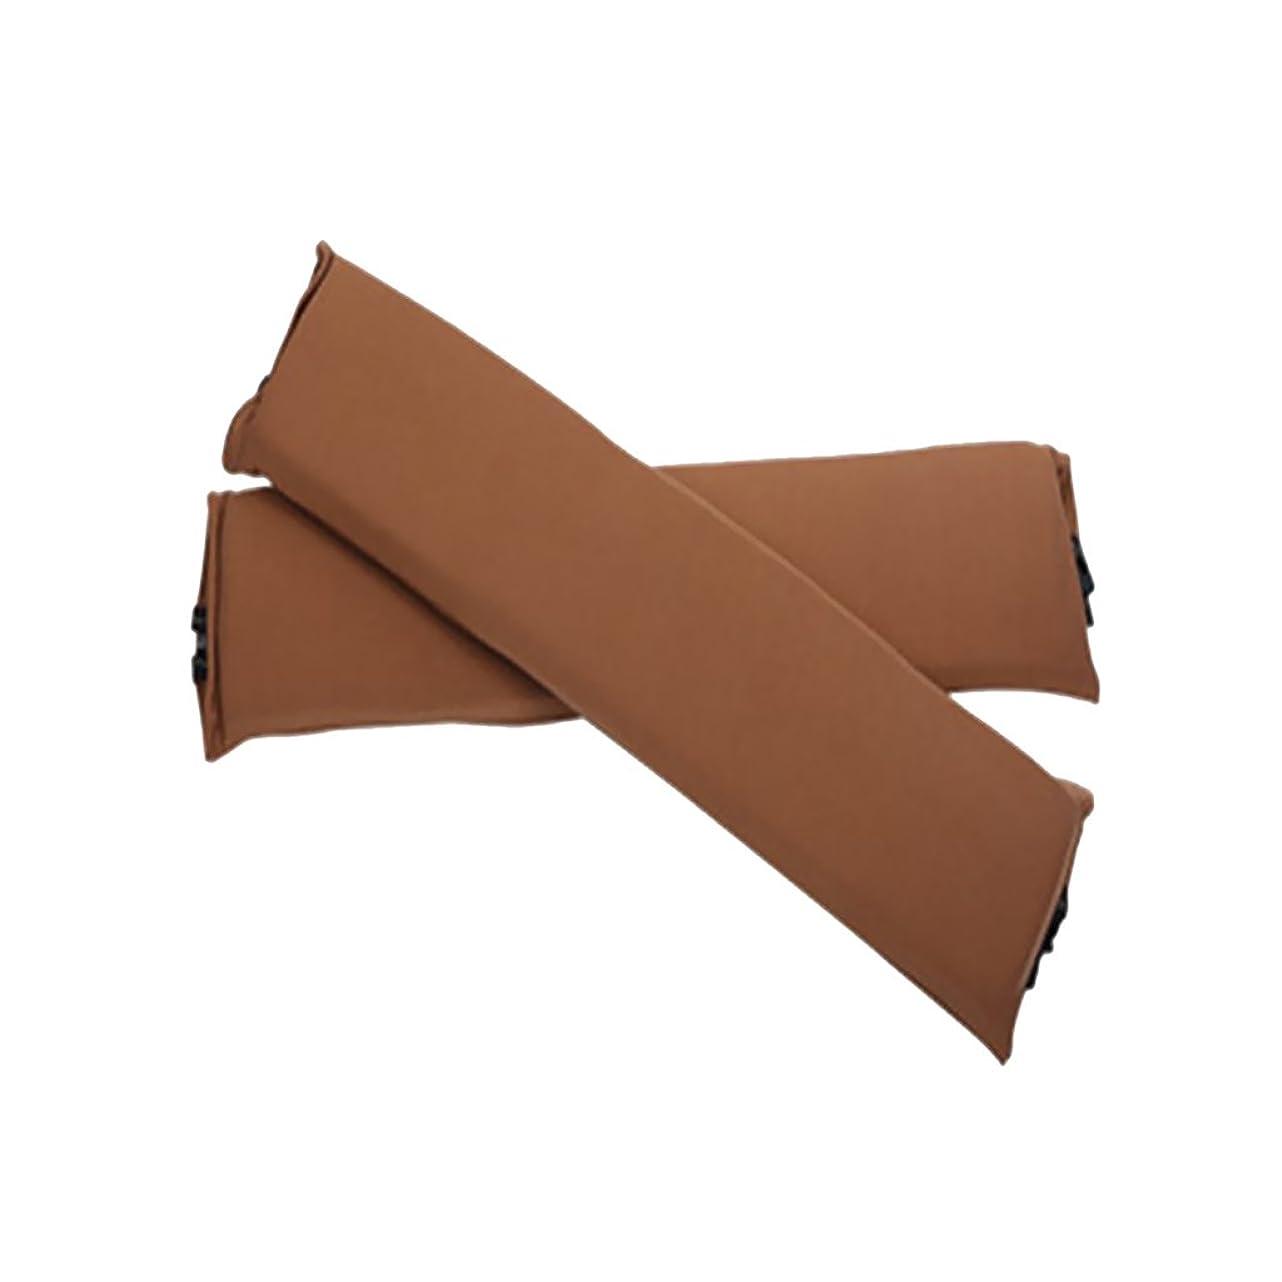 統計的レコーダーアルコールジッパー 弾性 椅子アームカバー チェア 肘掛カバー 椅子のアーム 保護 1ペア入り 利便性 全5色 - 褐色, 説明したように